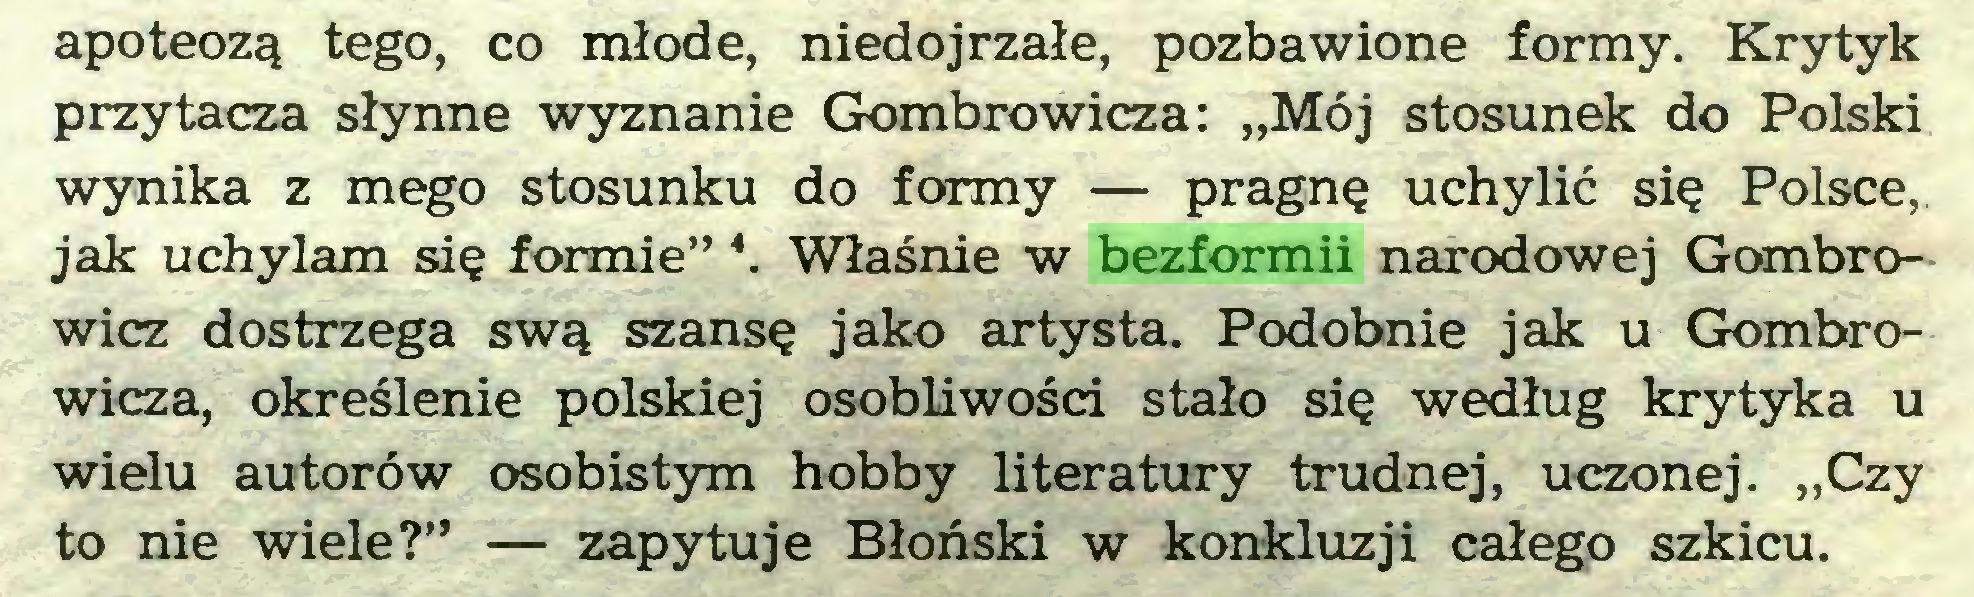 """(...) apoteozą tego, co młode, niedojrzałe, pozbawione formy. Krytyk przytacza słynne wyznanie Gombrowicza: """"Mój stosunek do Polski wynika z mego stosunku do formy — pragnę uchylić się Polsce, jak uchylam się formie"""" \ Właśnie w bezformii narodowej Gombrowicz dostrzega swą szansę jako artysta. Podobnie jak u Gombrowicza, określenie polskiej osobliwości stało się według krytyka u wielu autorów osobistym hobby literatury trudnej, uczonej. """"Czy to nie wiele?"""" — zapytuje Błoński w konkluzji całego szkicu..."""